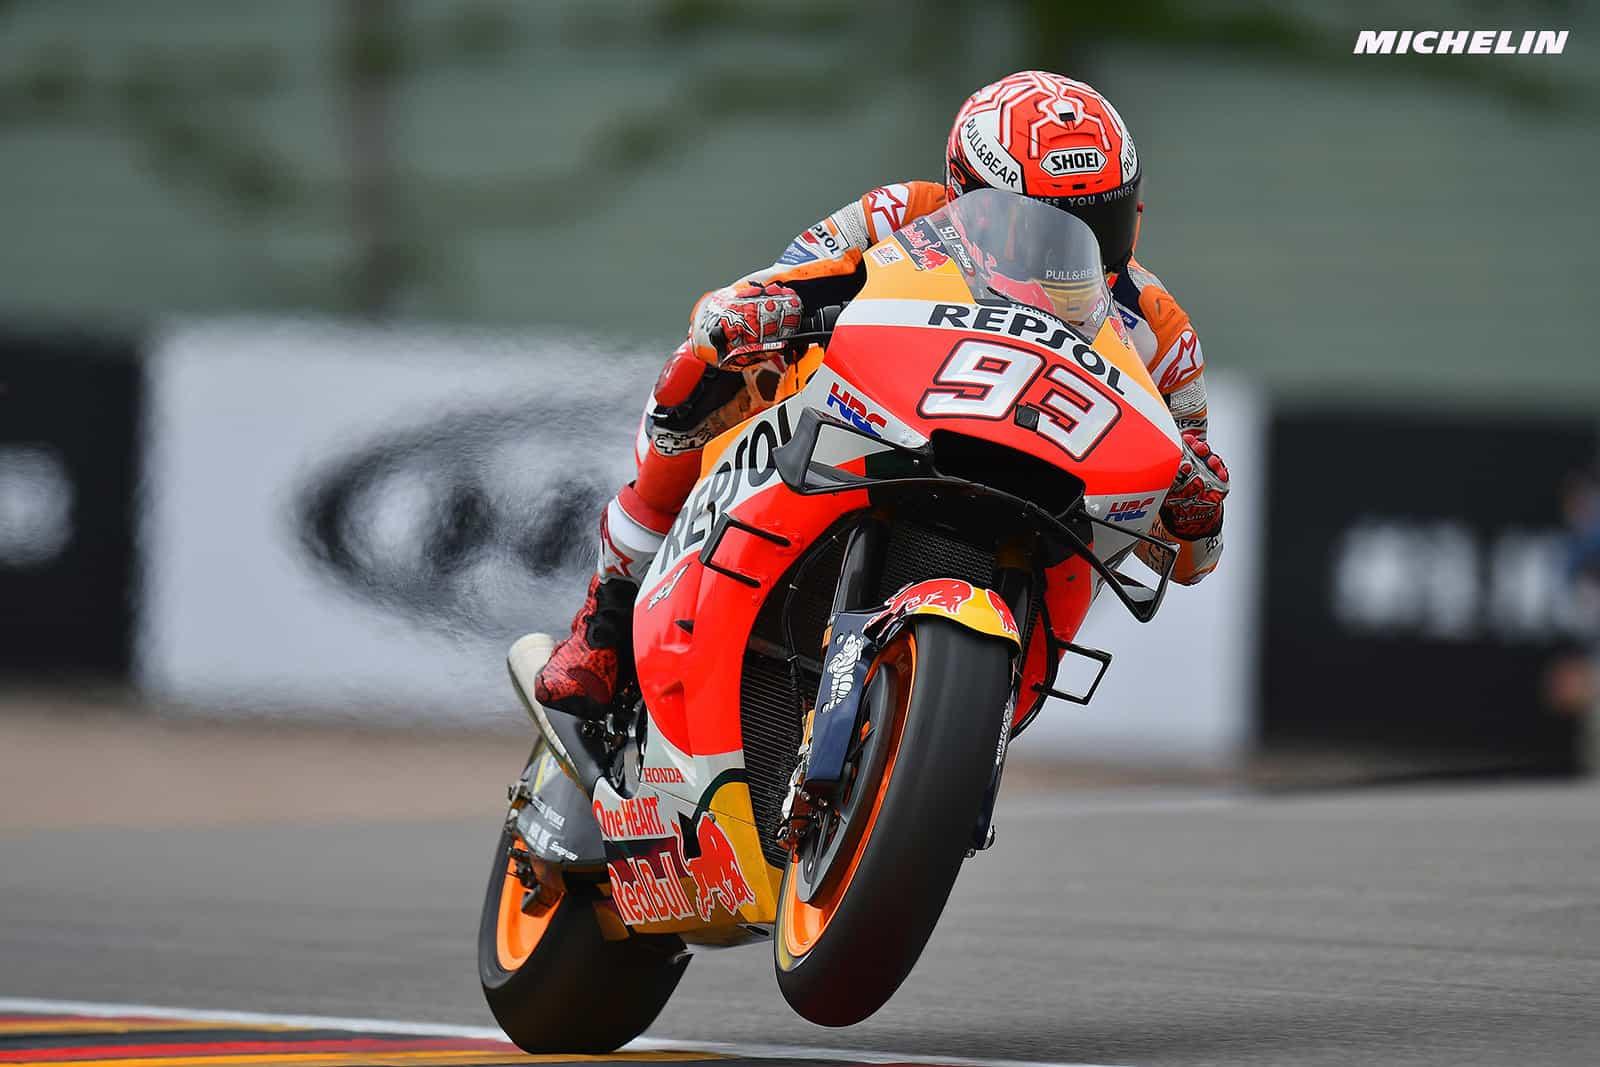 MotoGP2019ドイツGP FP2 1位マルケス「フィーリングも良くて最高のスタート」